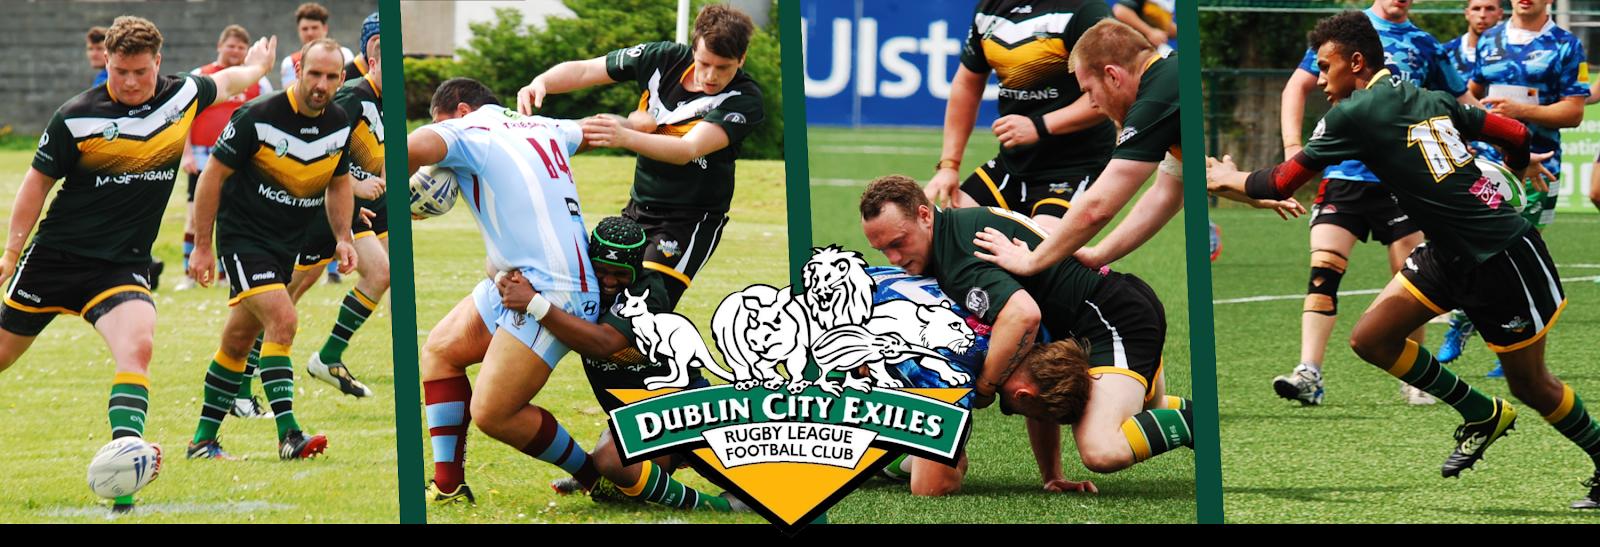 Dublin City Exiles RLFC